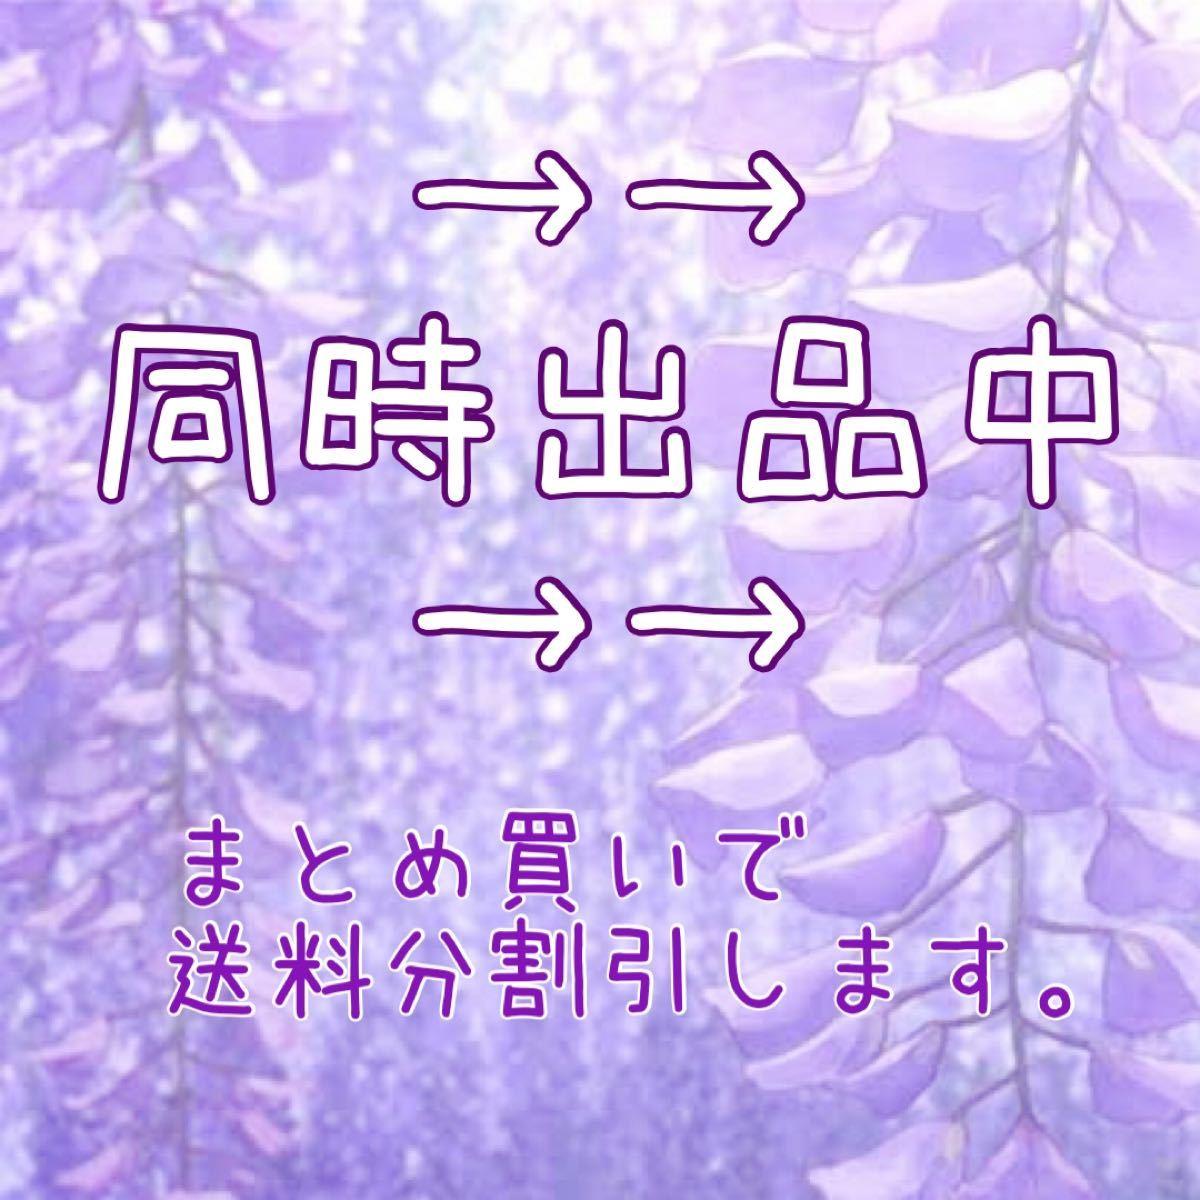 鬼滅の刃 一番くじ きゅんキャラ ラバーストラップ ラバスト 煉獄 杏寿郎 J賞